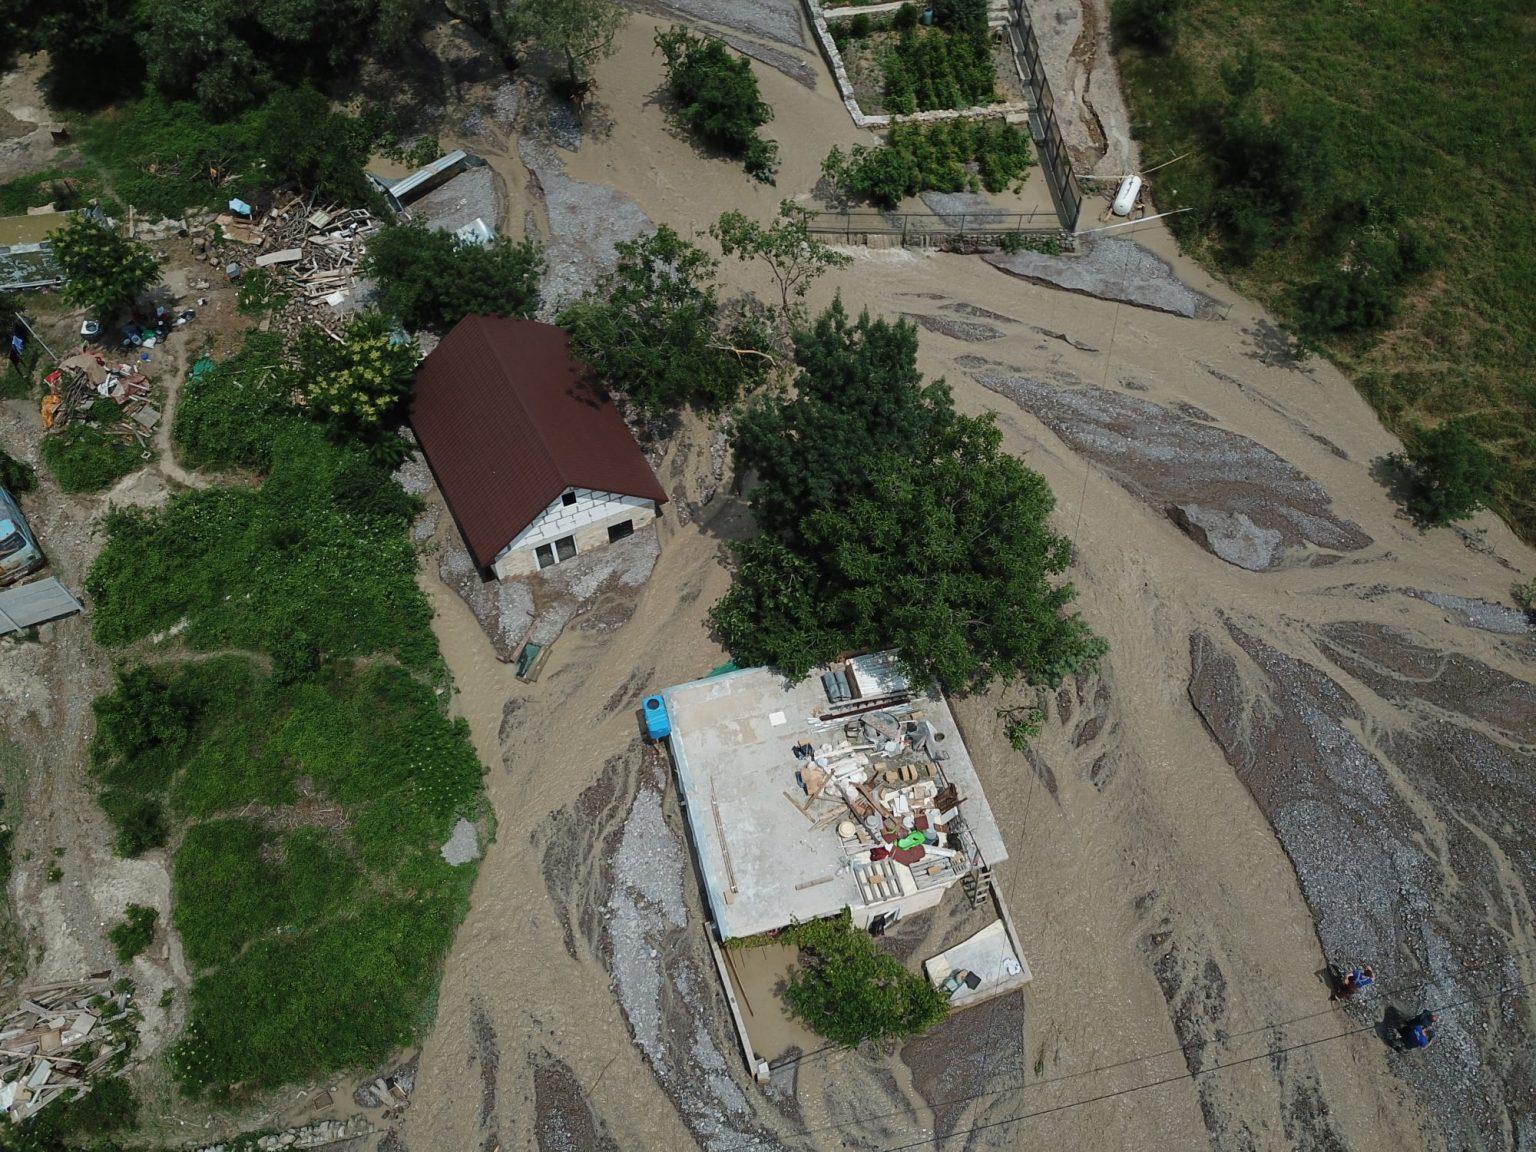 538 жителей Ялты потеряли свое имущество из-за наводнения